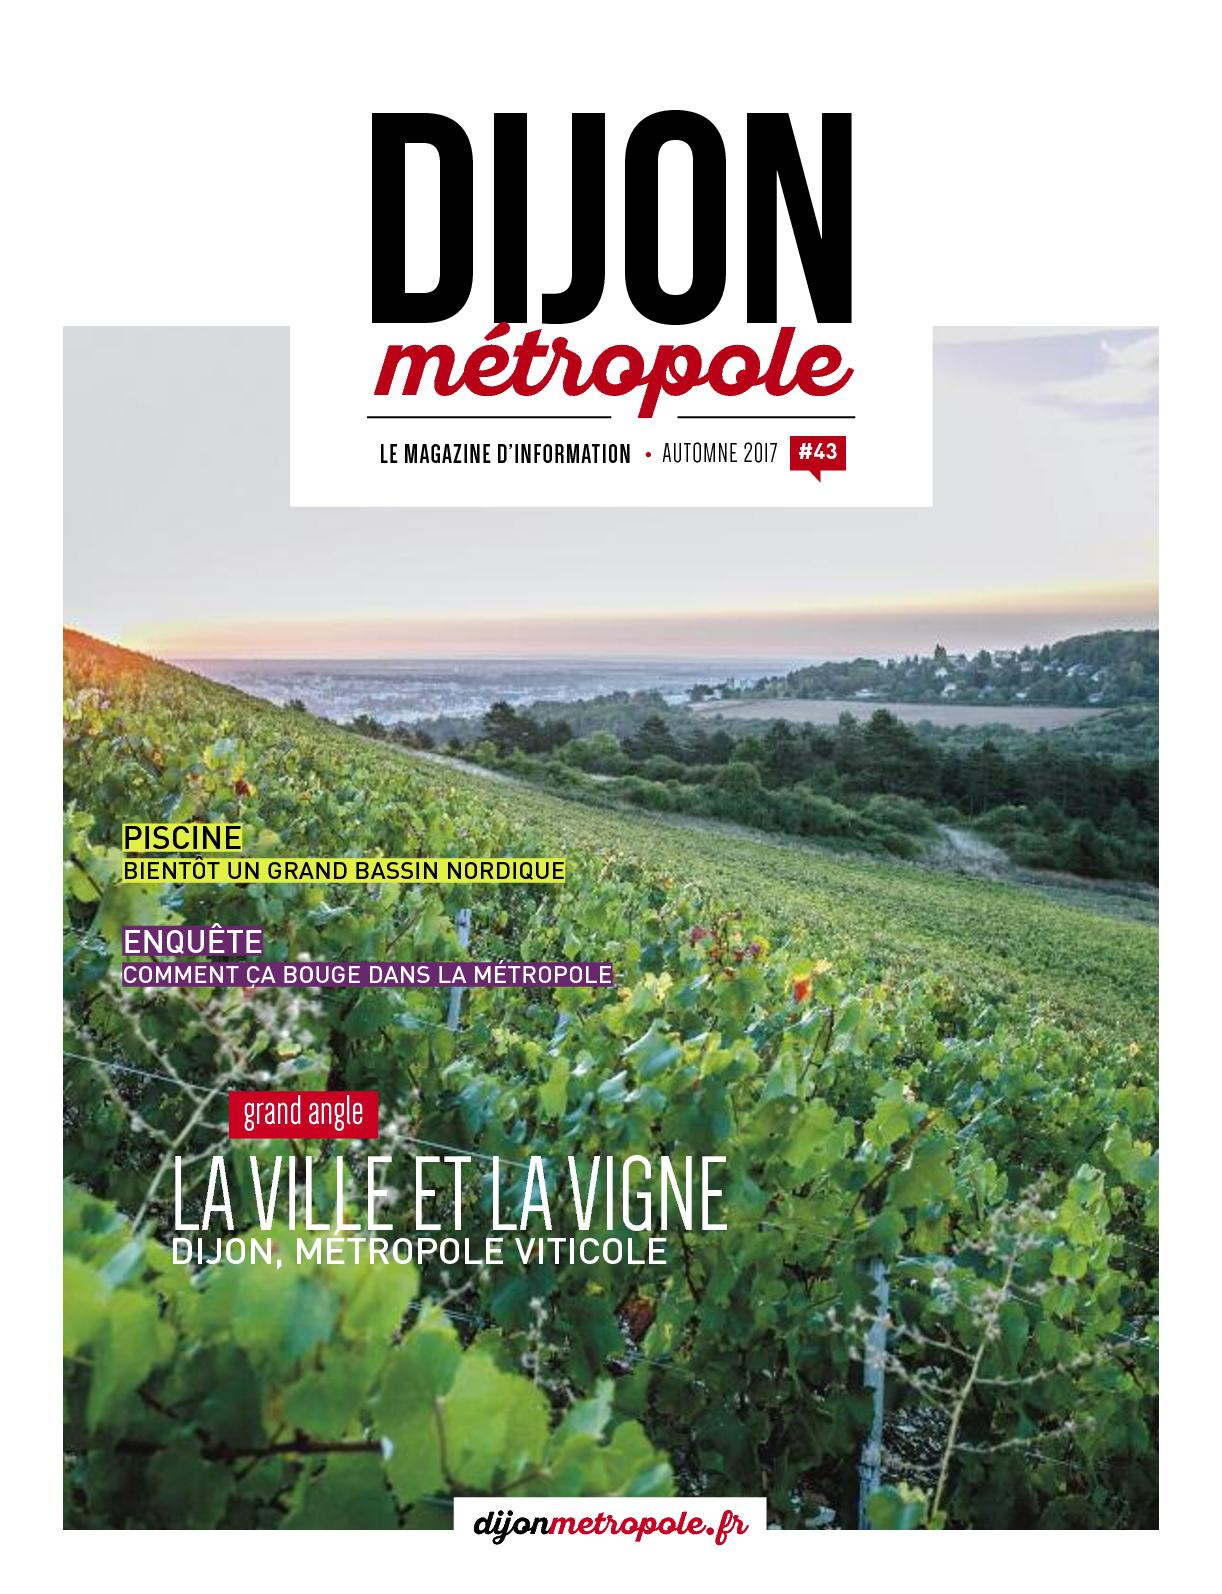 e0e8627d1c9e68 Calaméo - Le Mag Dijon Metropole N43 Septembre 2017